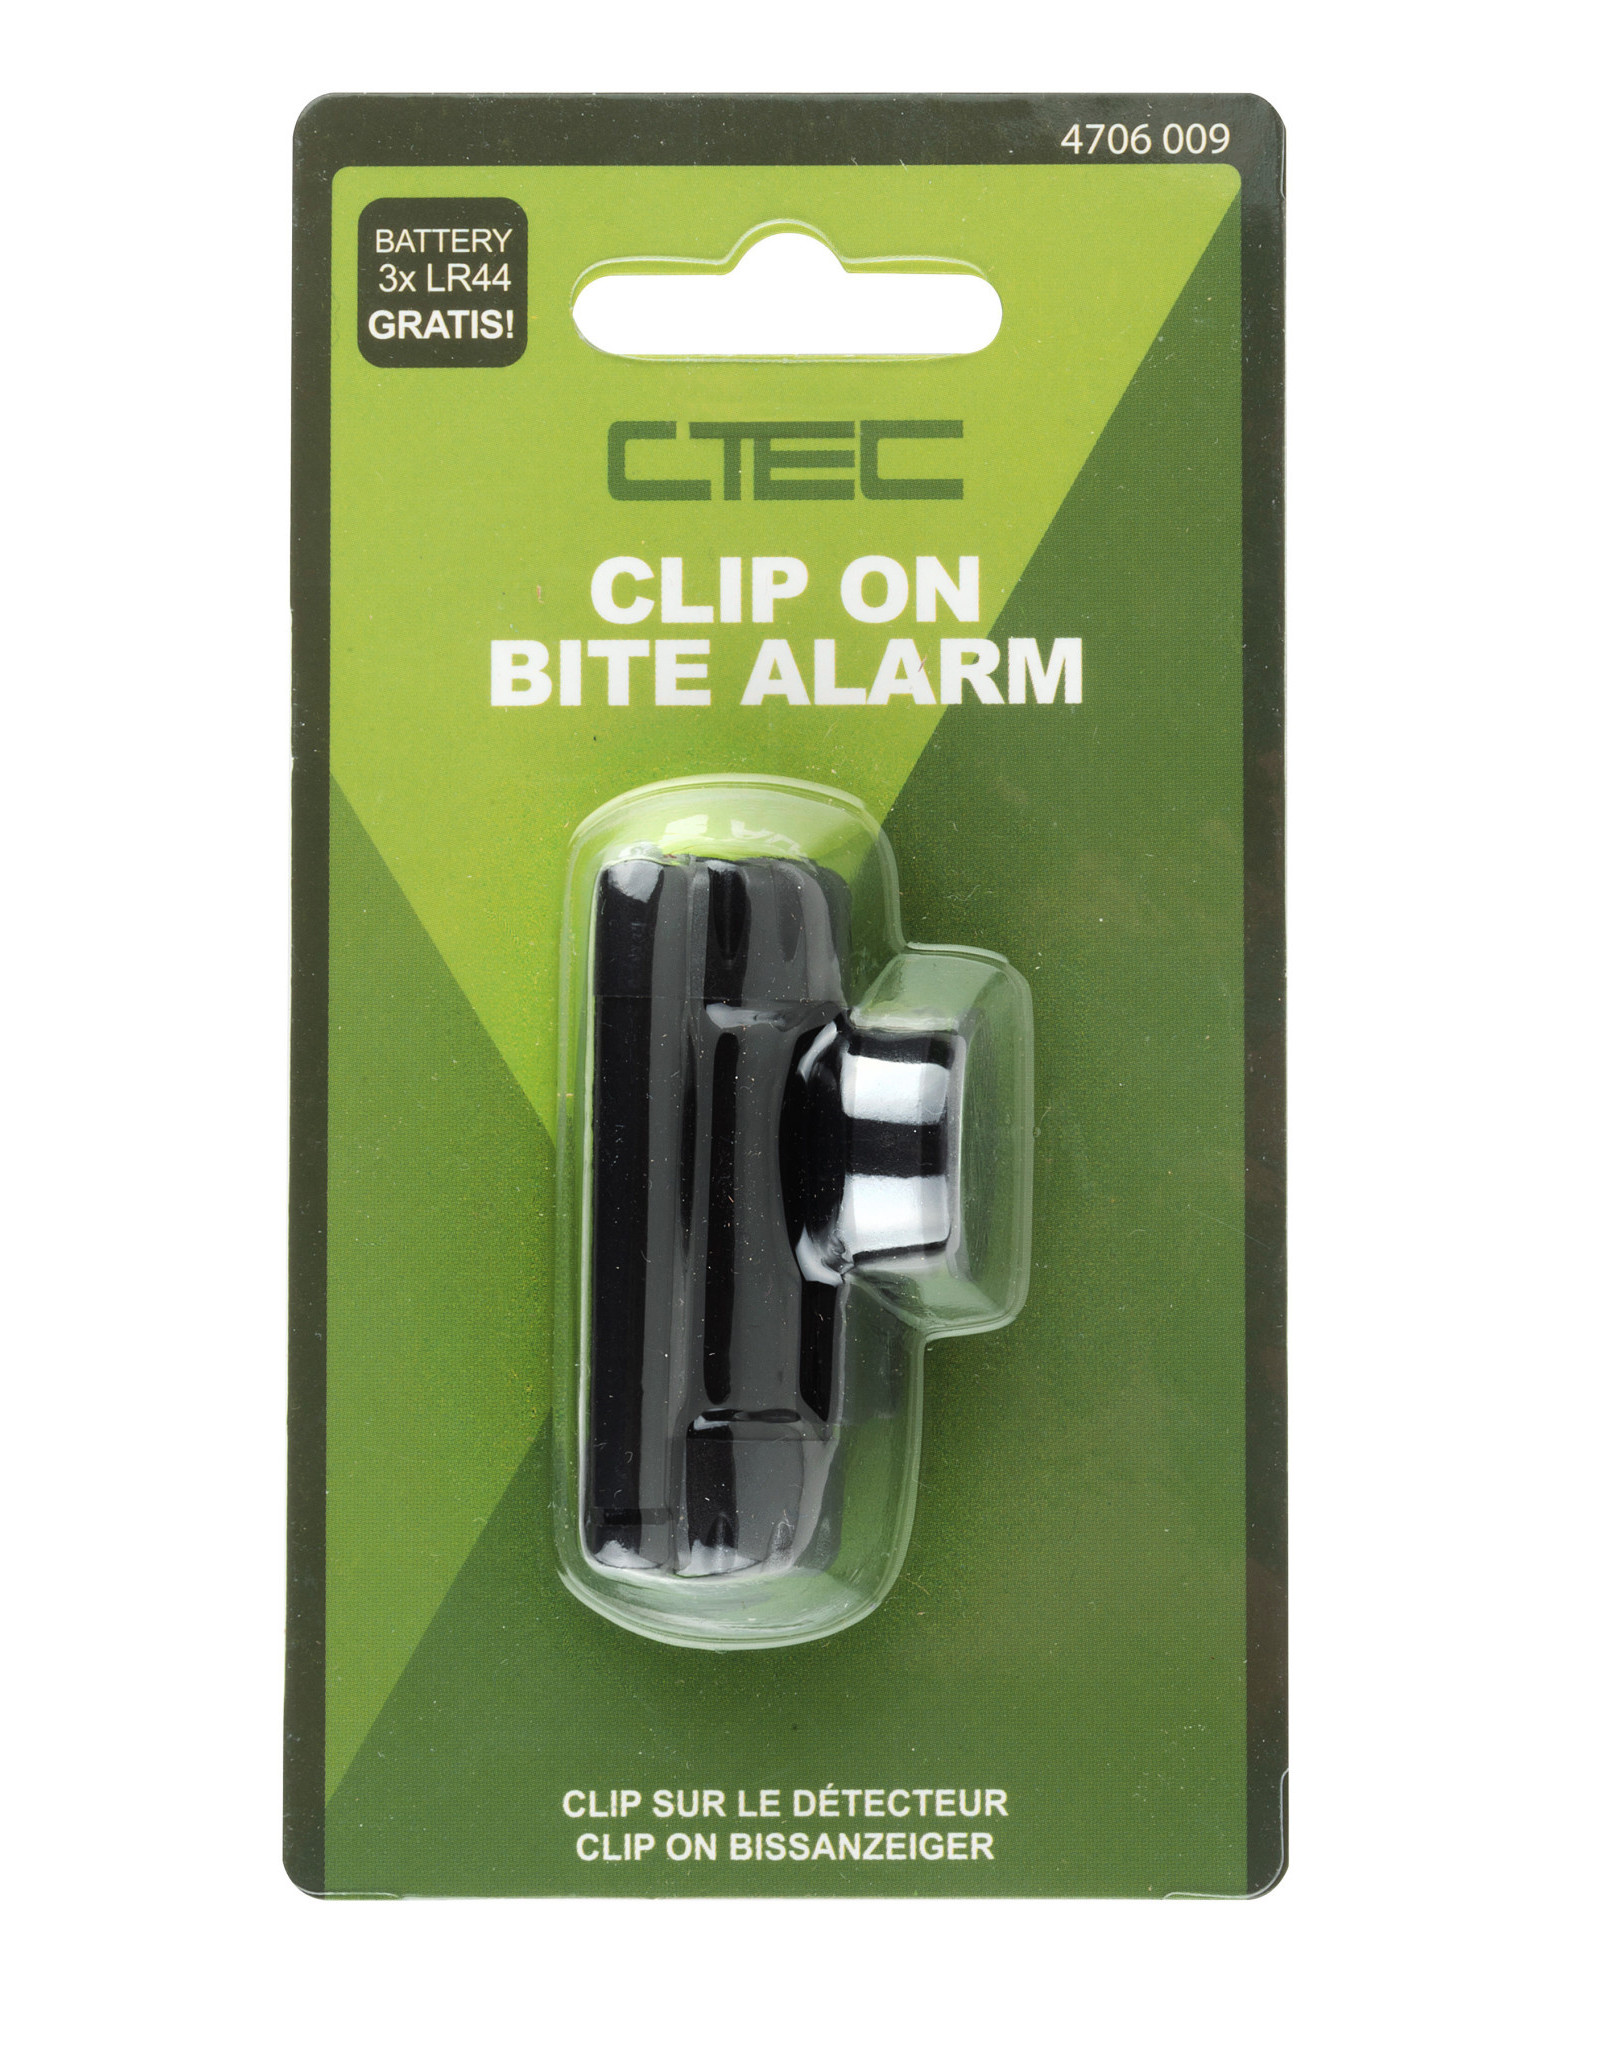 CTEC C-TEC CLIP ON BITE ALARM